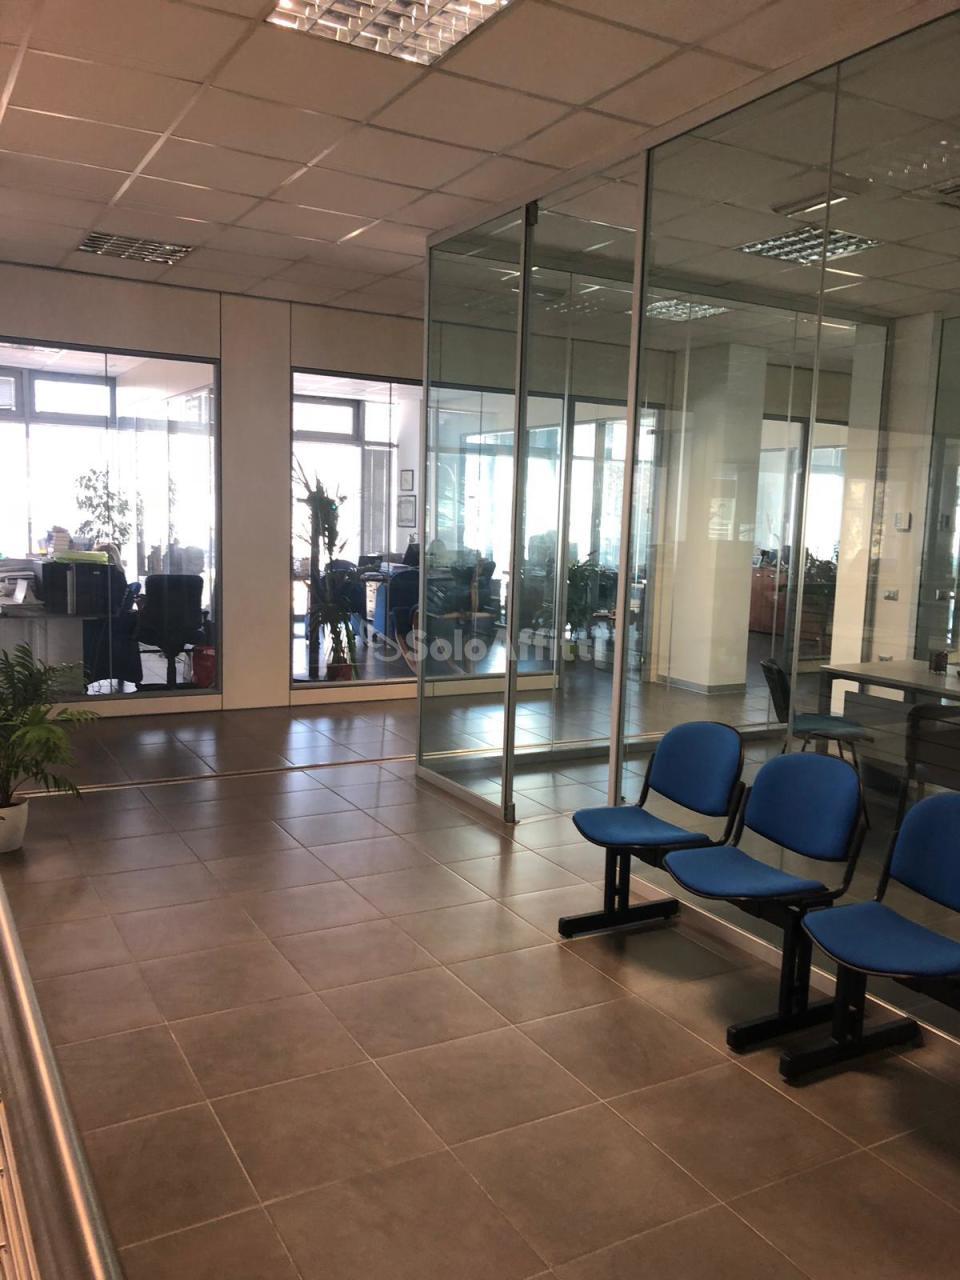 Ufficio - oltre 4 locali a Tiburtina, Pescara Rif. 11033944